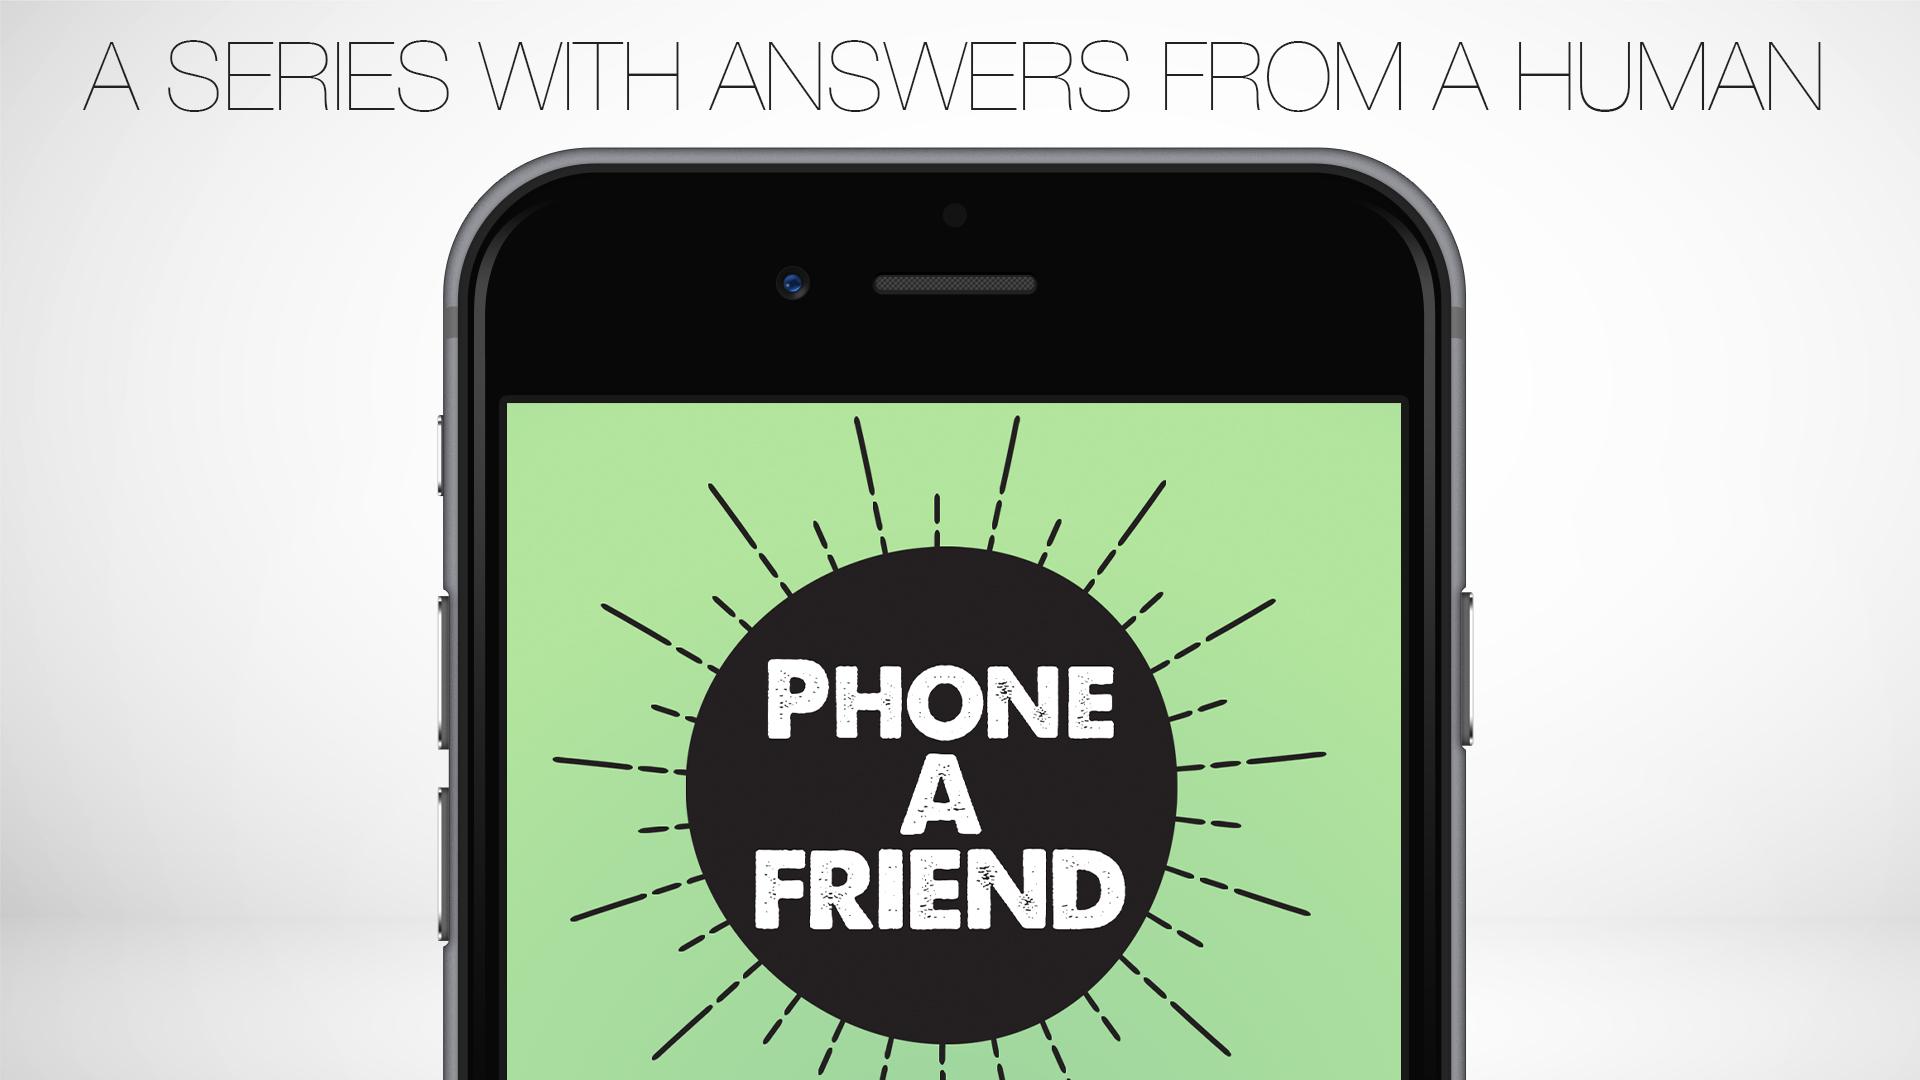 phone a friend 3.jpg